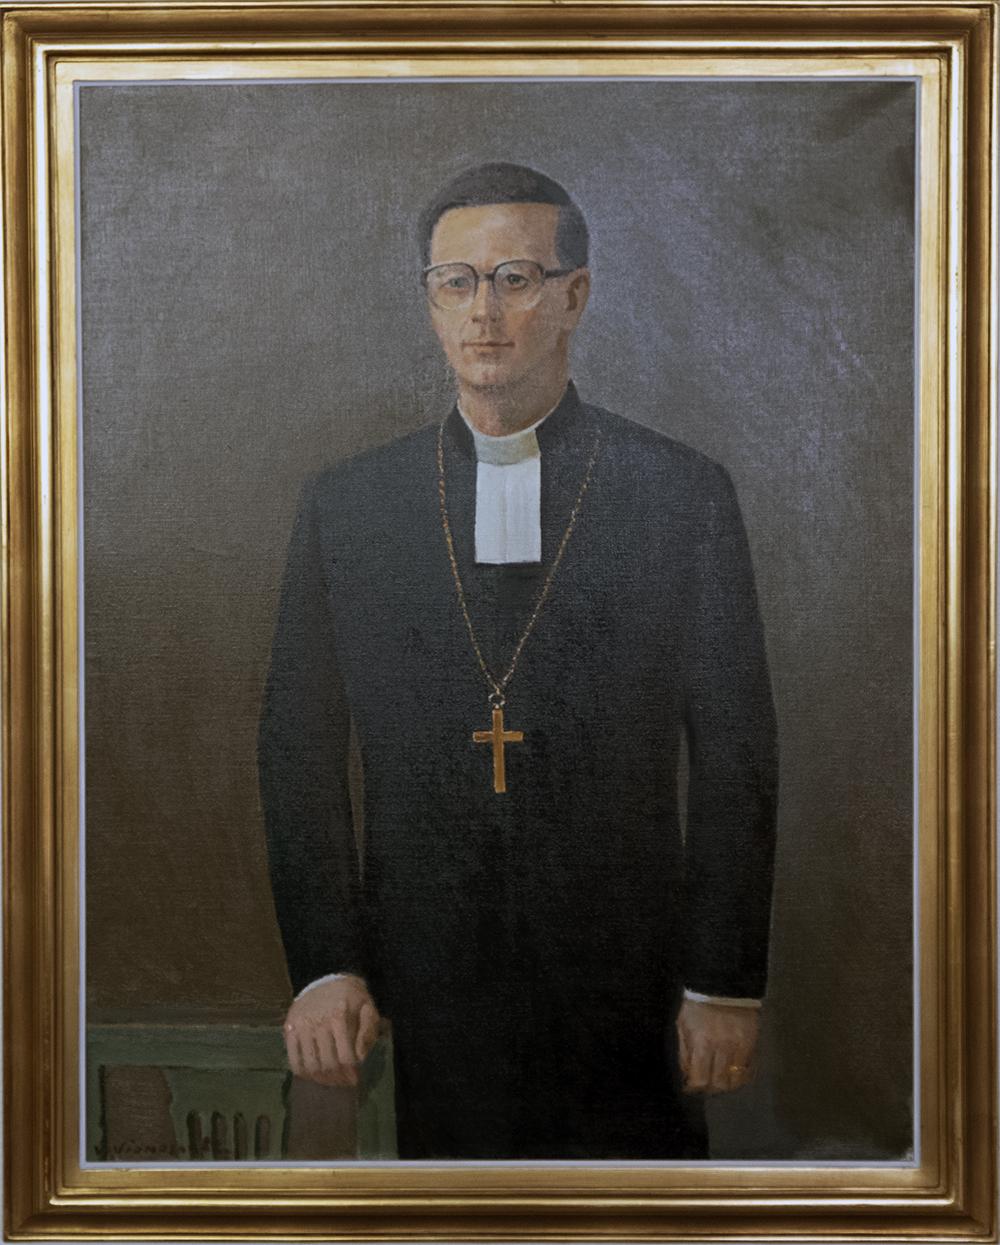 Piispa Yrjö Sariolan muotokuva